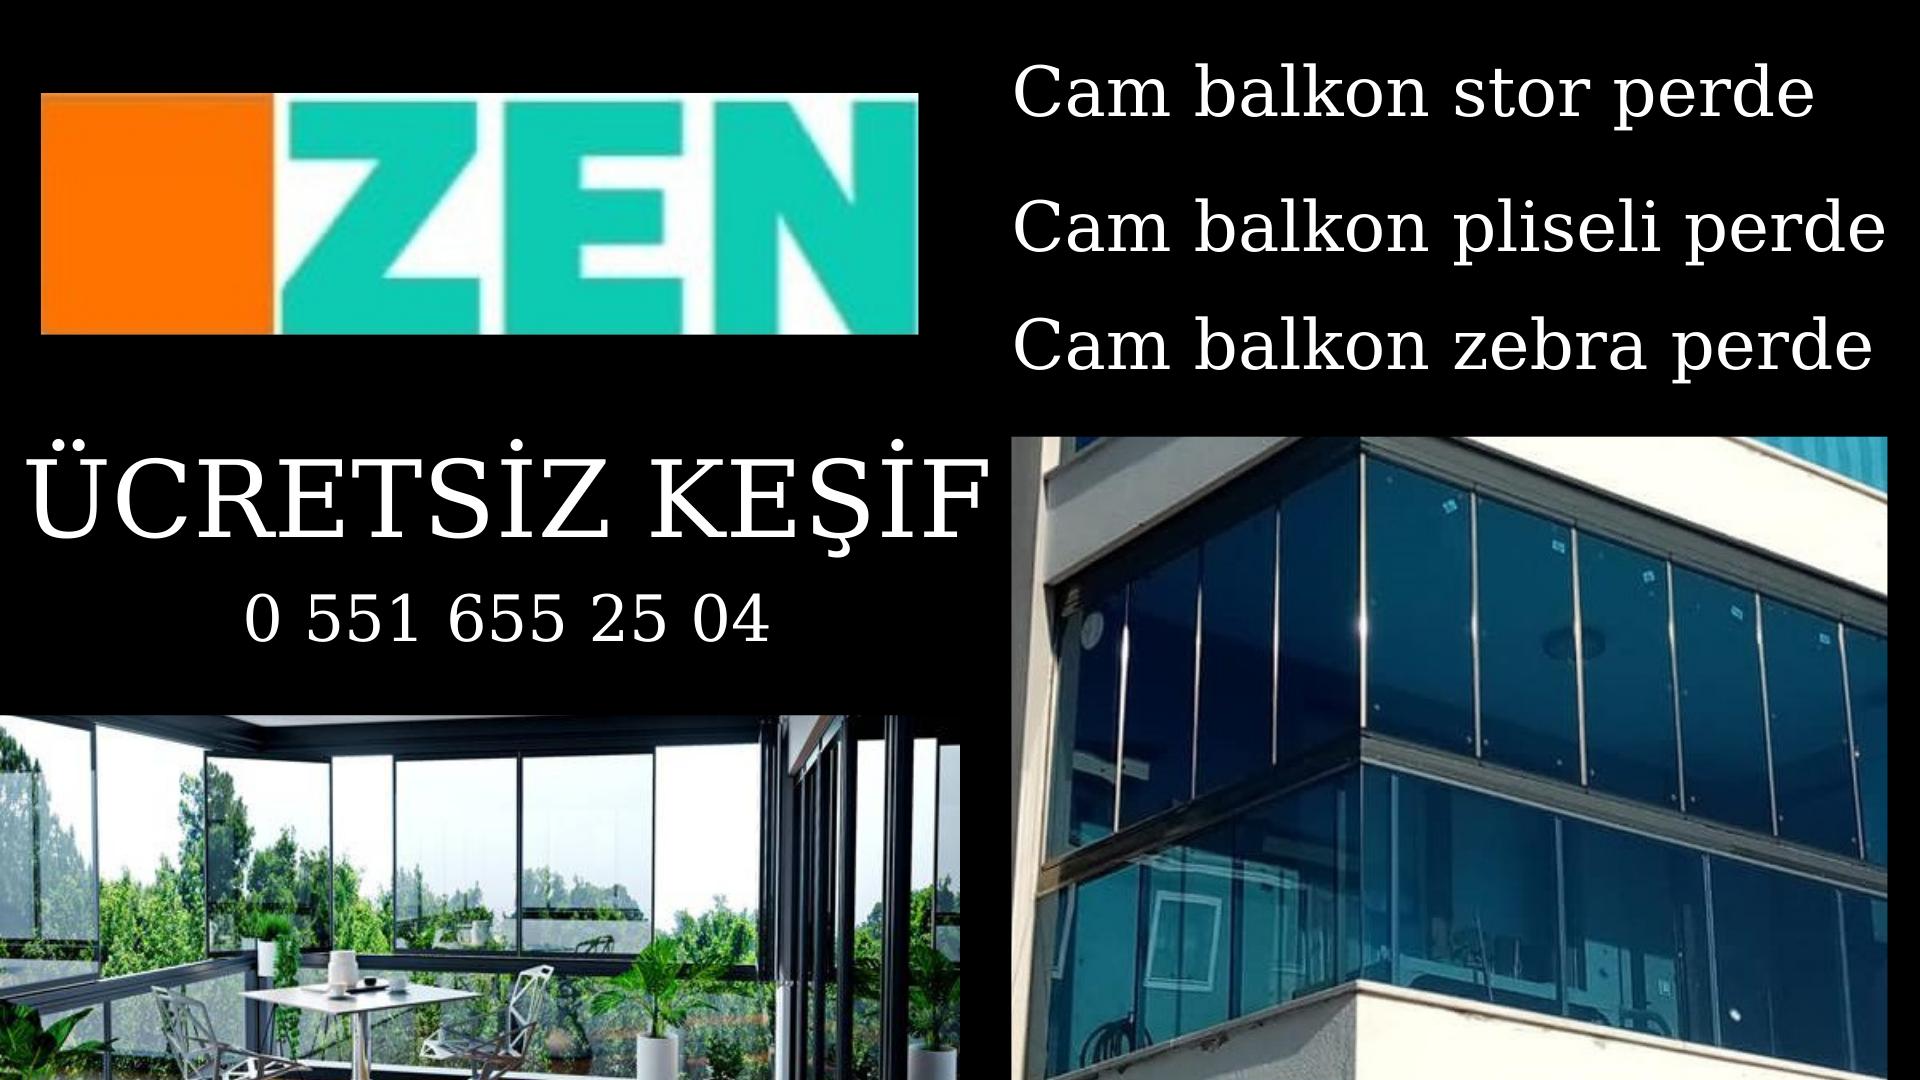 cam balkon perdesi fiyatları İzmir